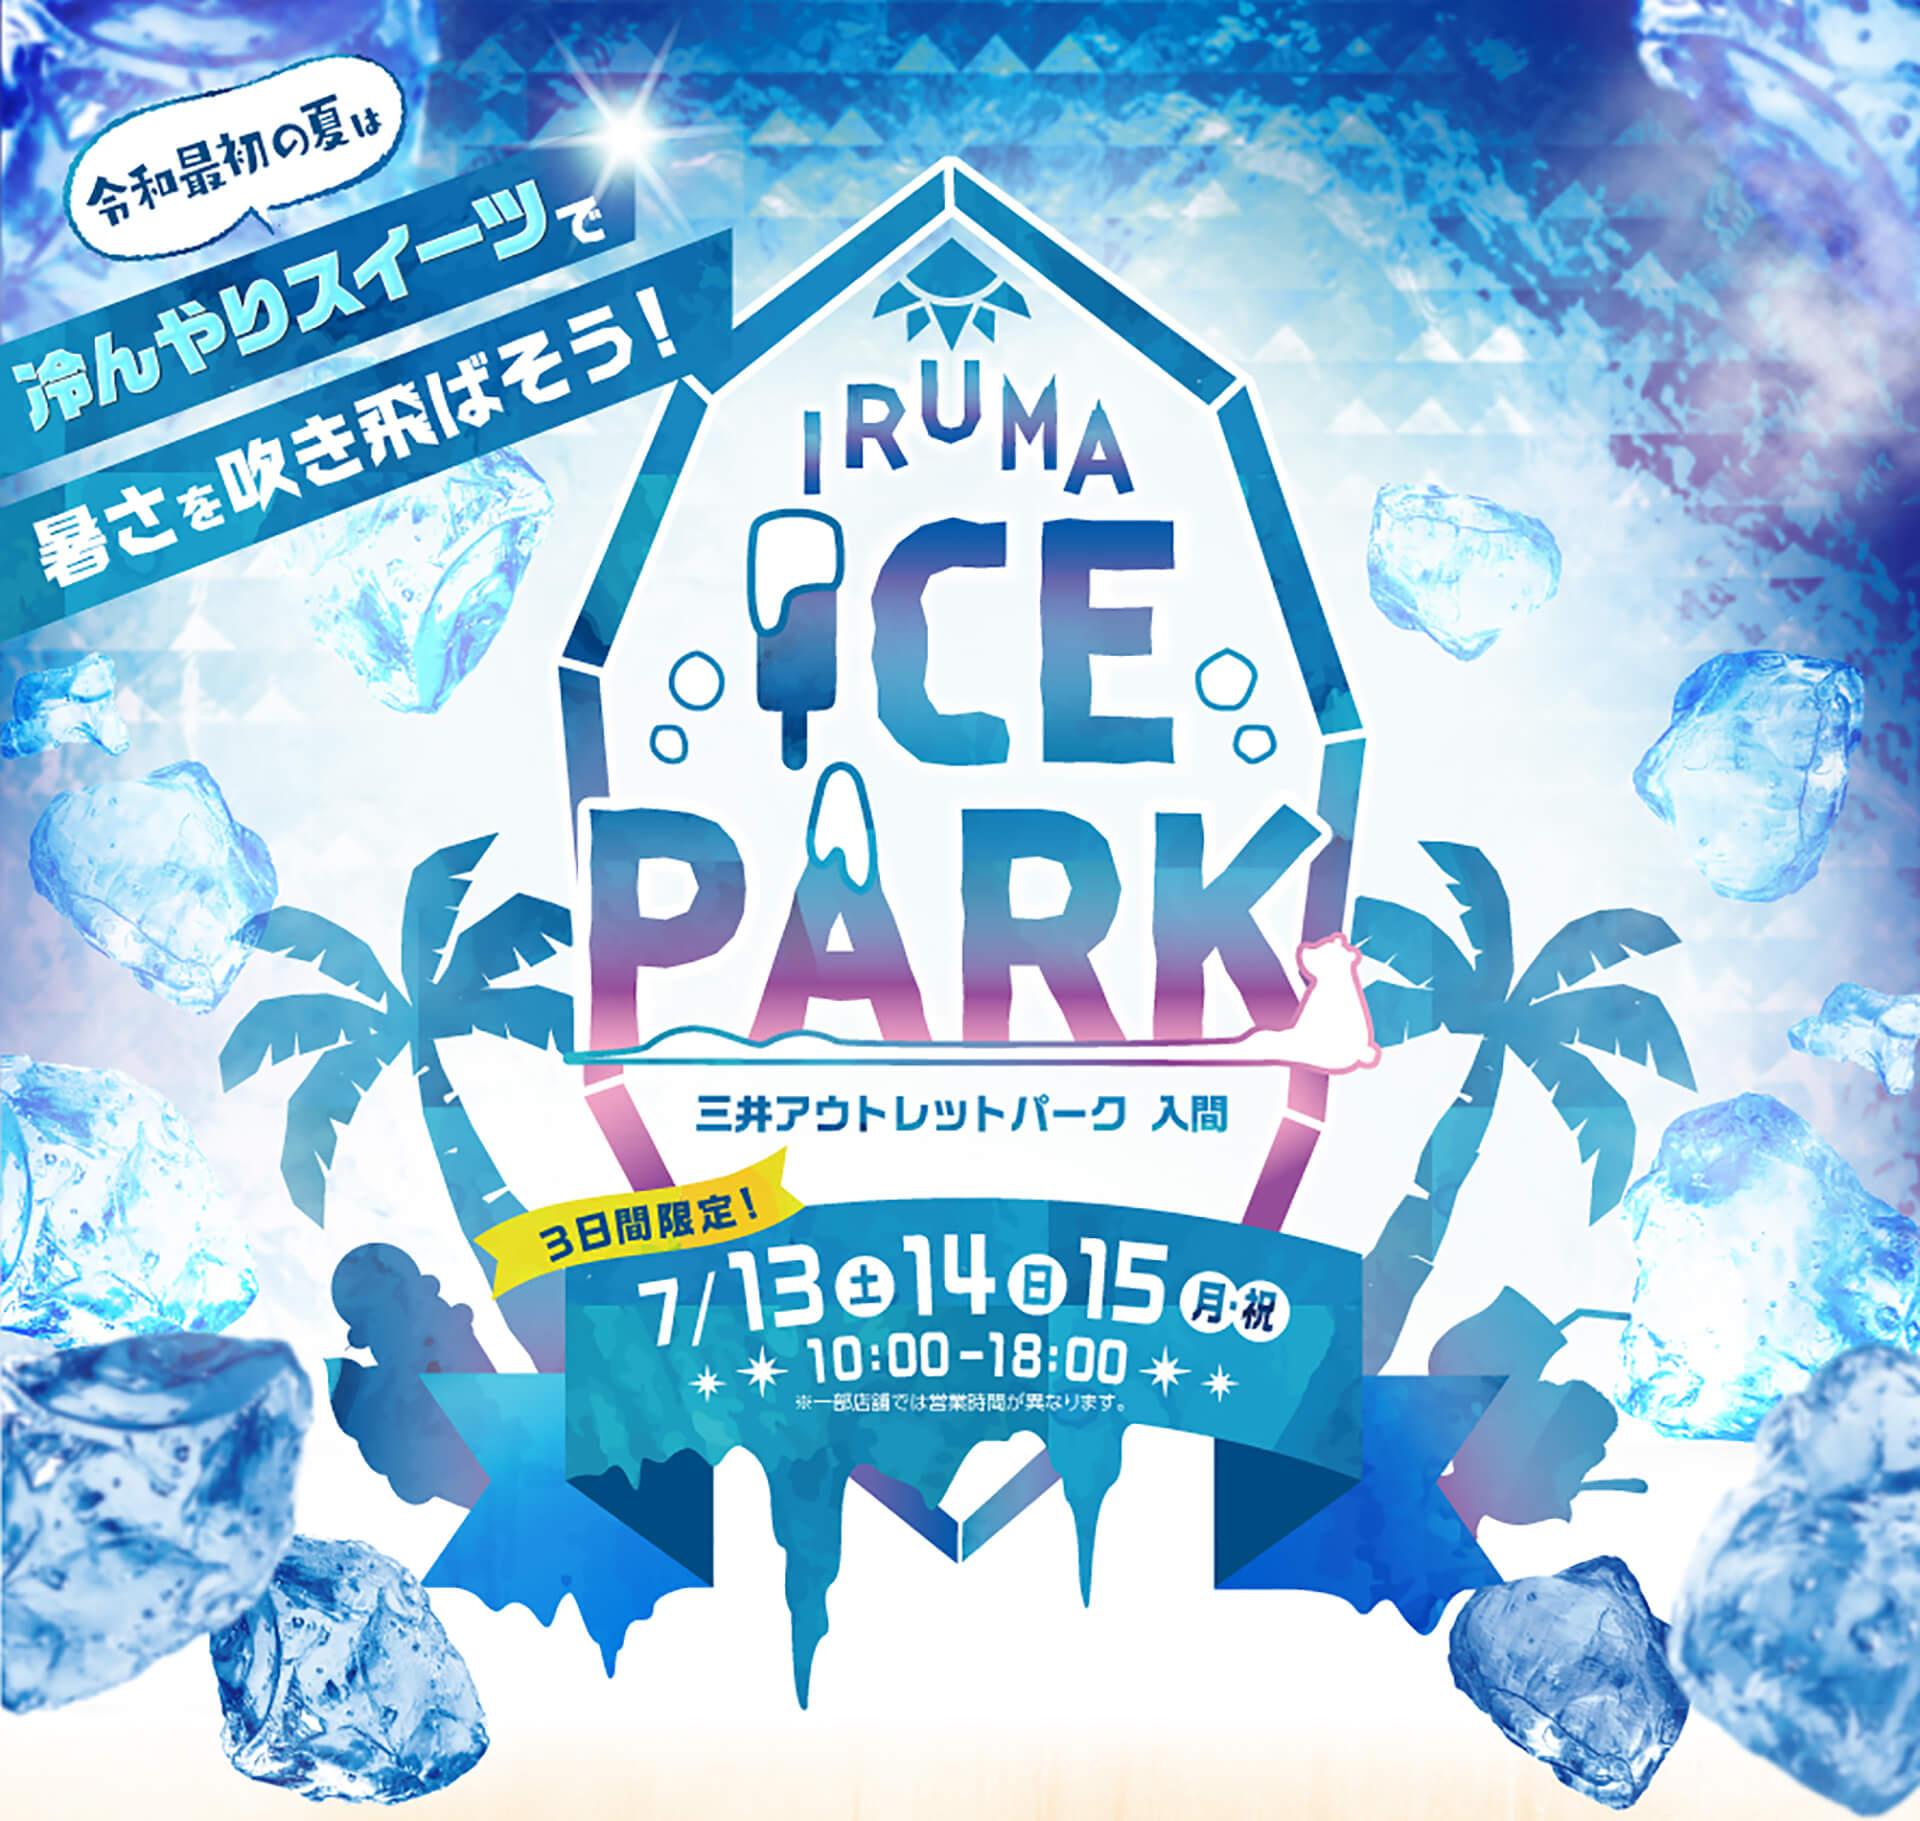 この写真はIRUMA ICE PARKのポスター的なものです